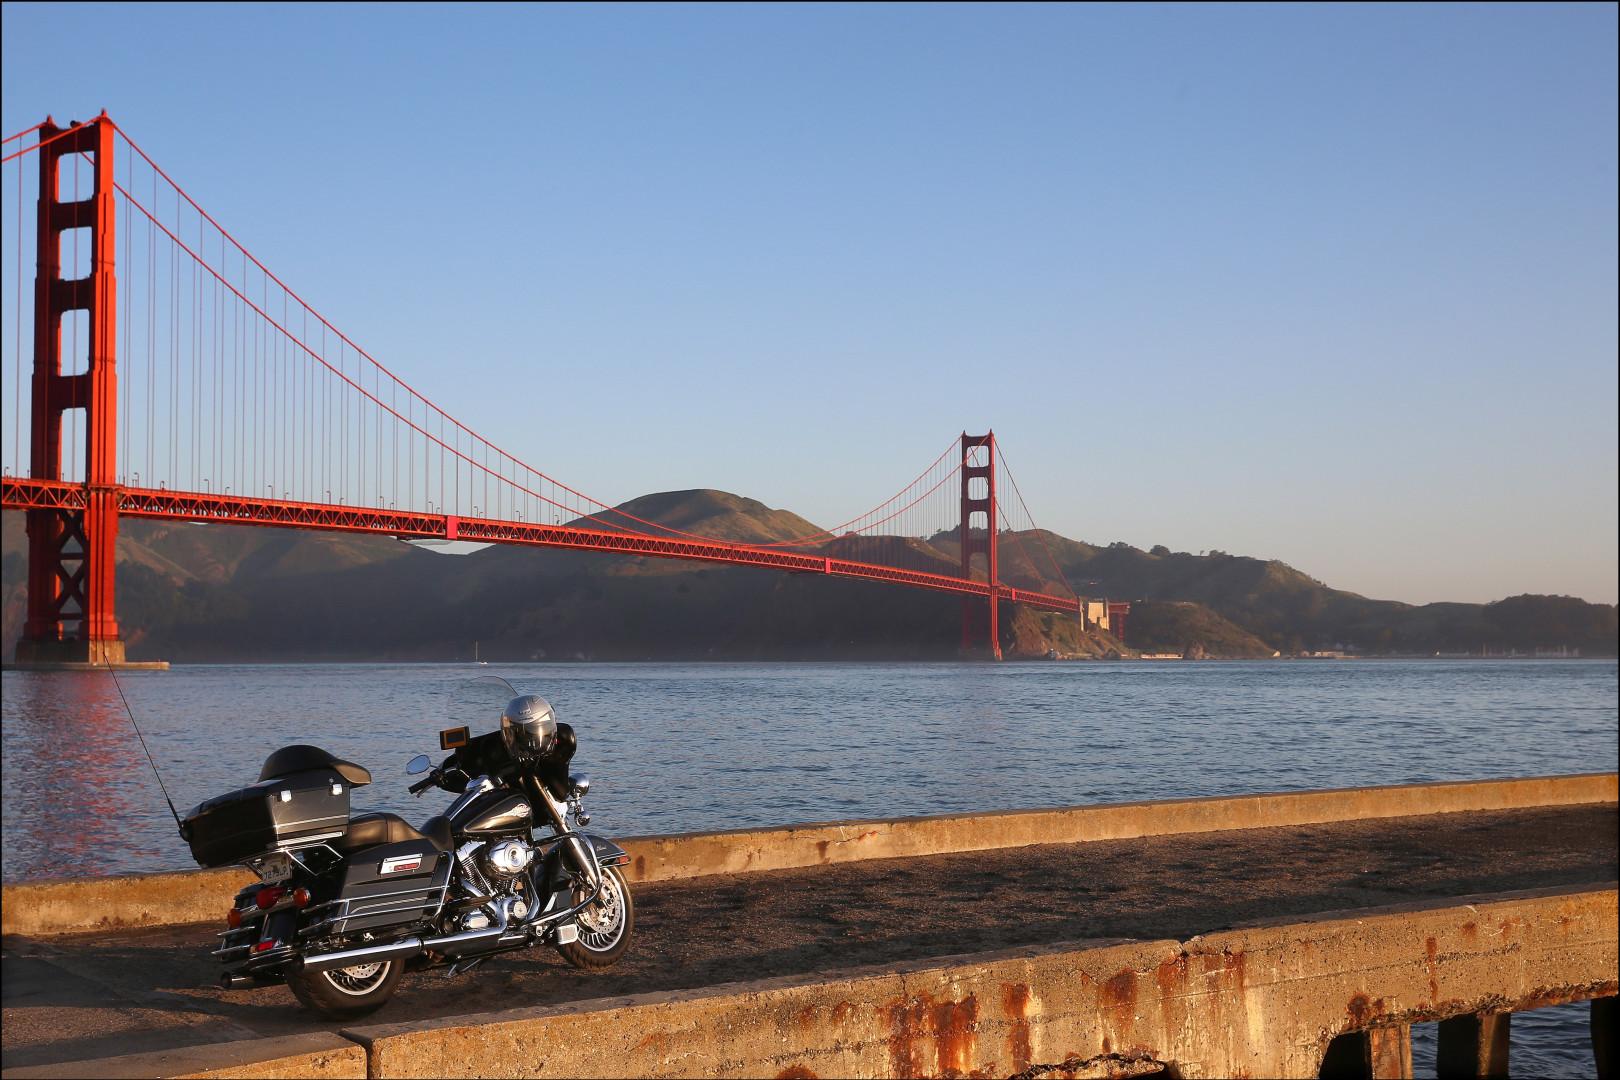 [Edition précédente] Hit Z Road California : the City By The Bay